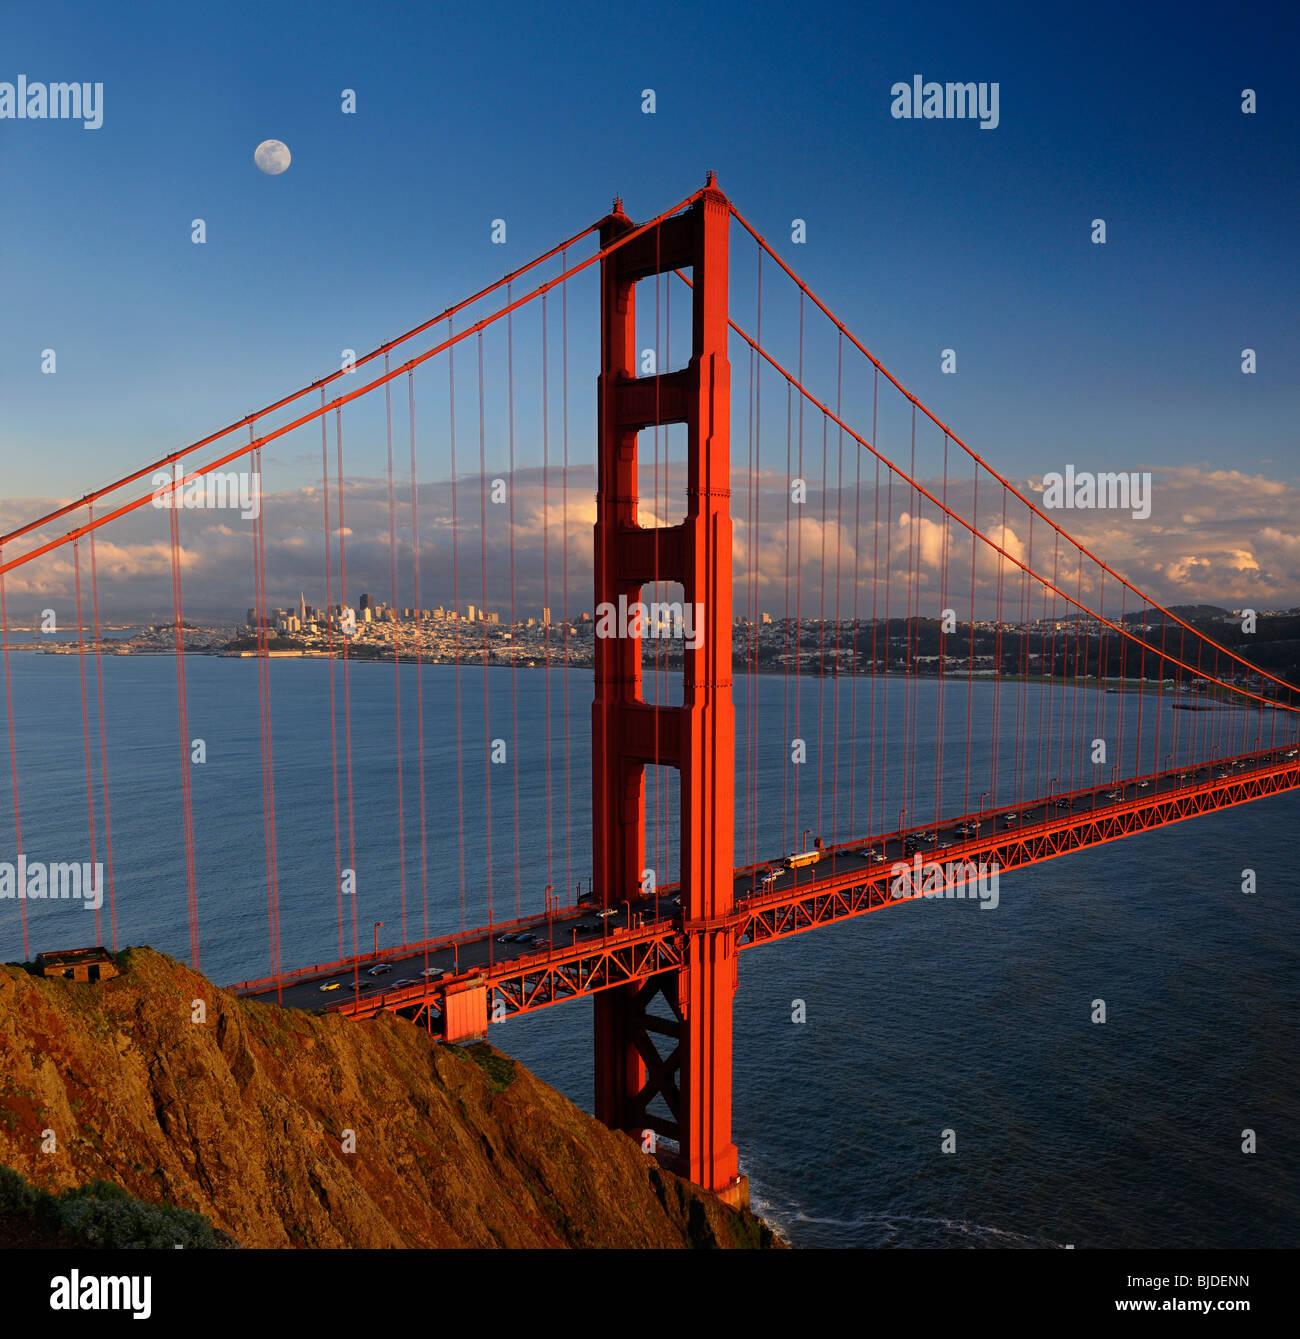 Golden Gate Bridge San Francisco California Sunset Picture: San Francisco Golden Gate Bridge Dusk Stock Photos & San